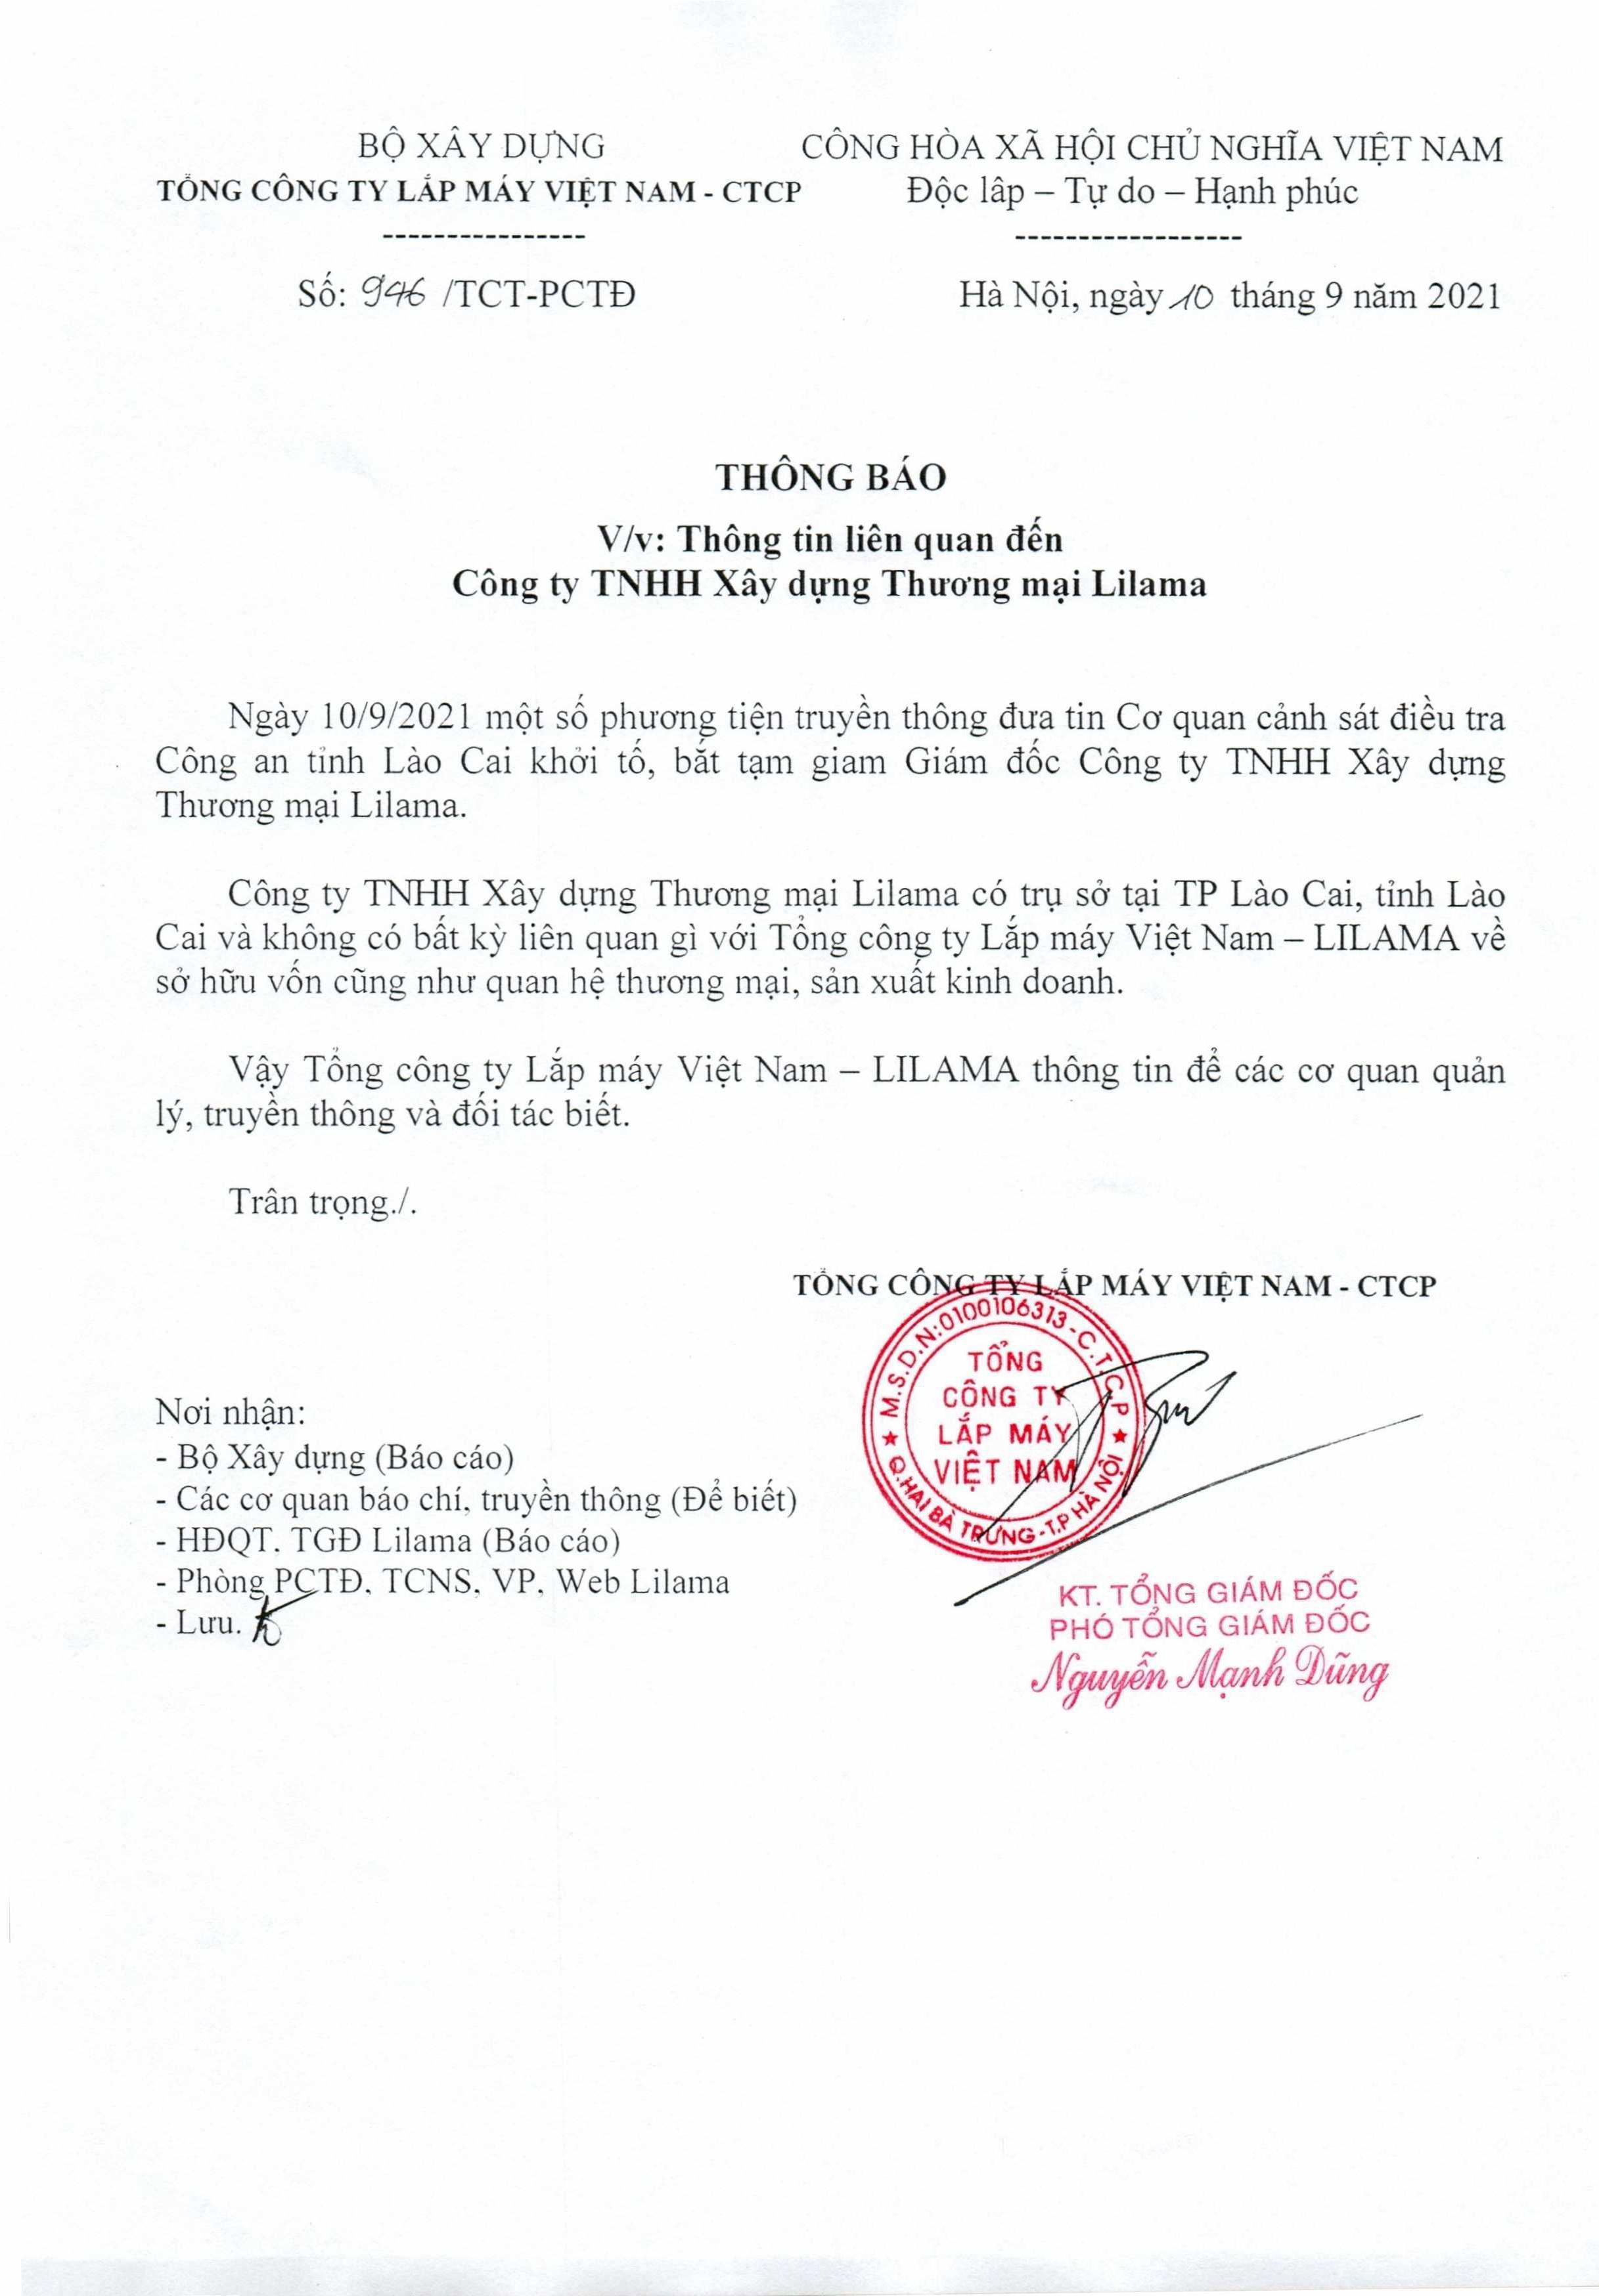 Tổng công ty Lắp máy Việt Nam-CTCP (LILAMA) thông báo về việc không liên quan đến Công ty TNHH Xây dựng Thương mại Lilama